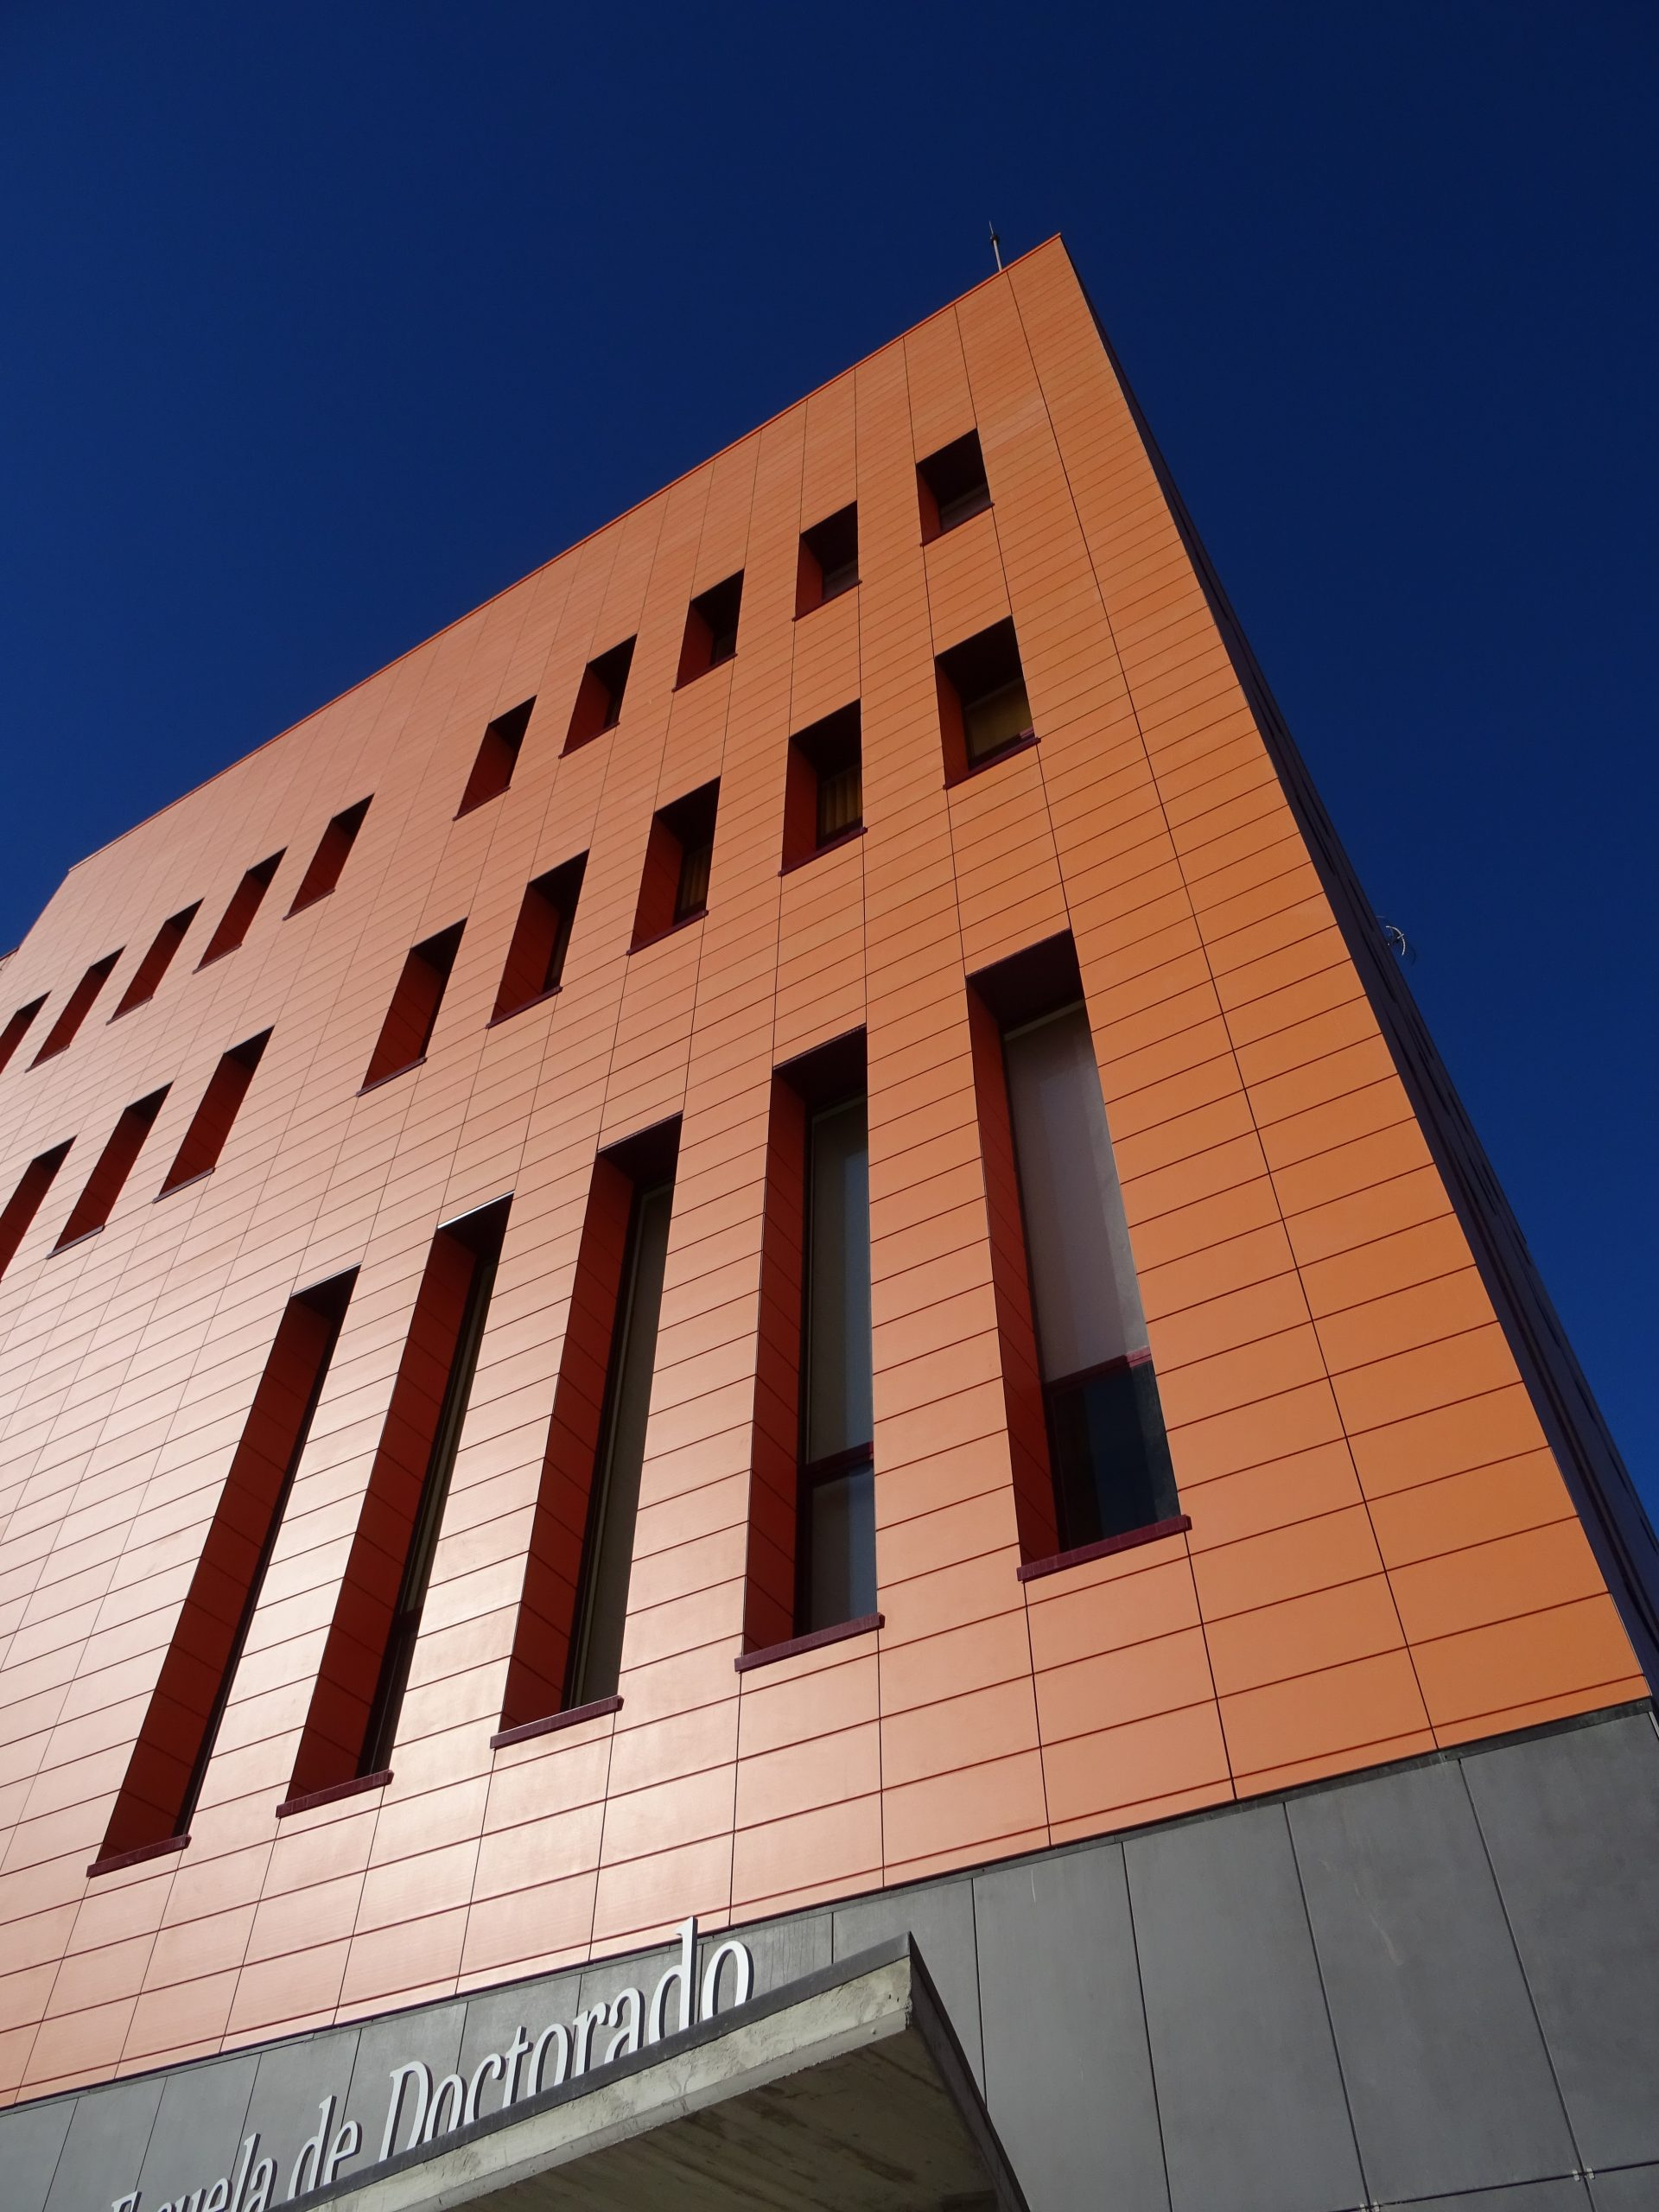 Arbone fachada ventilada 3